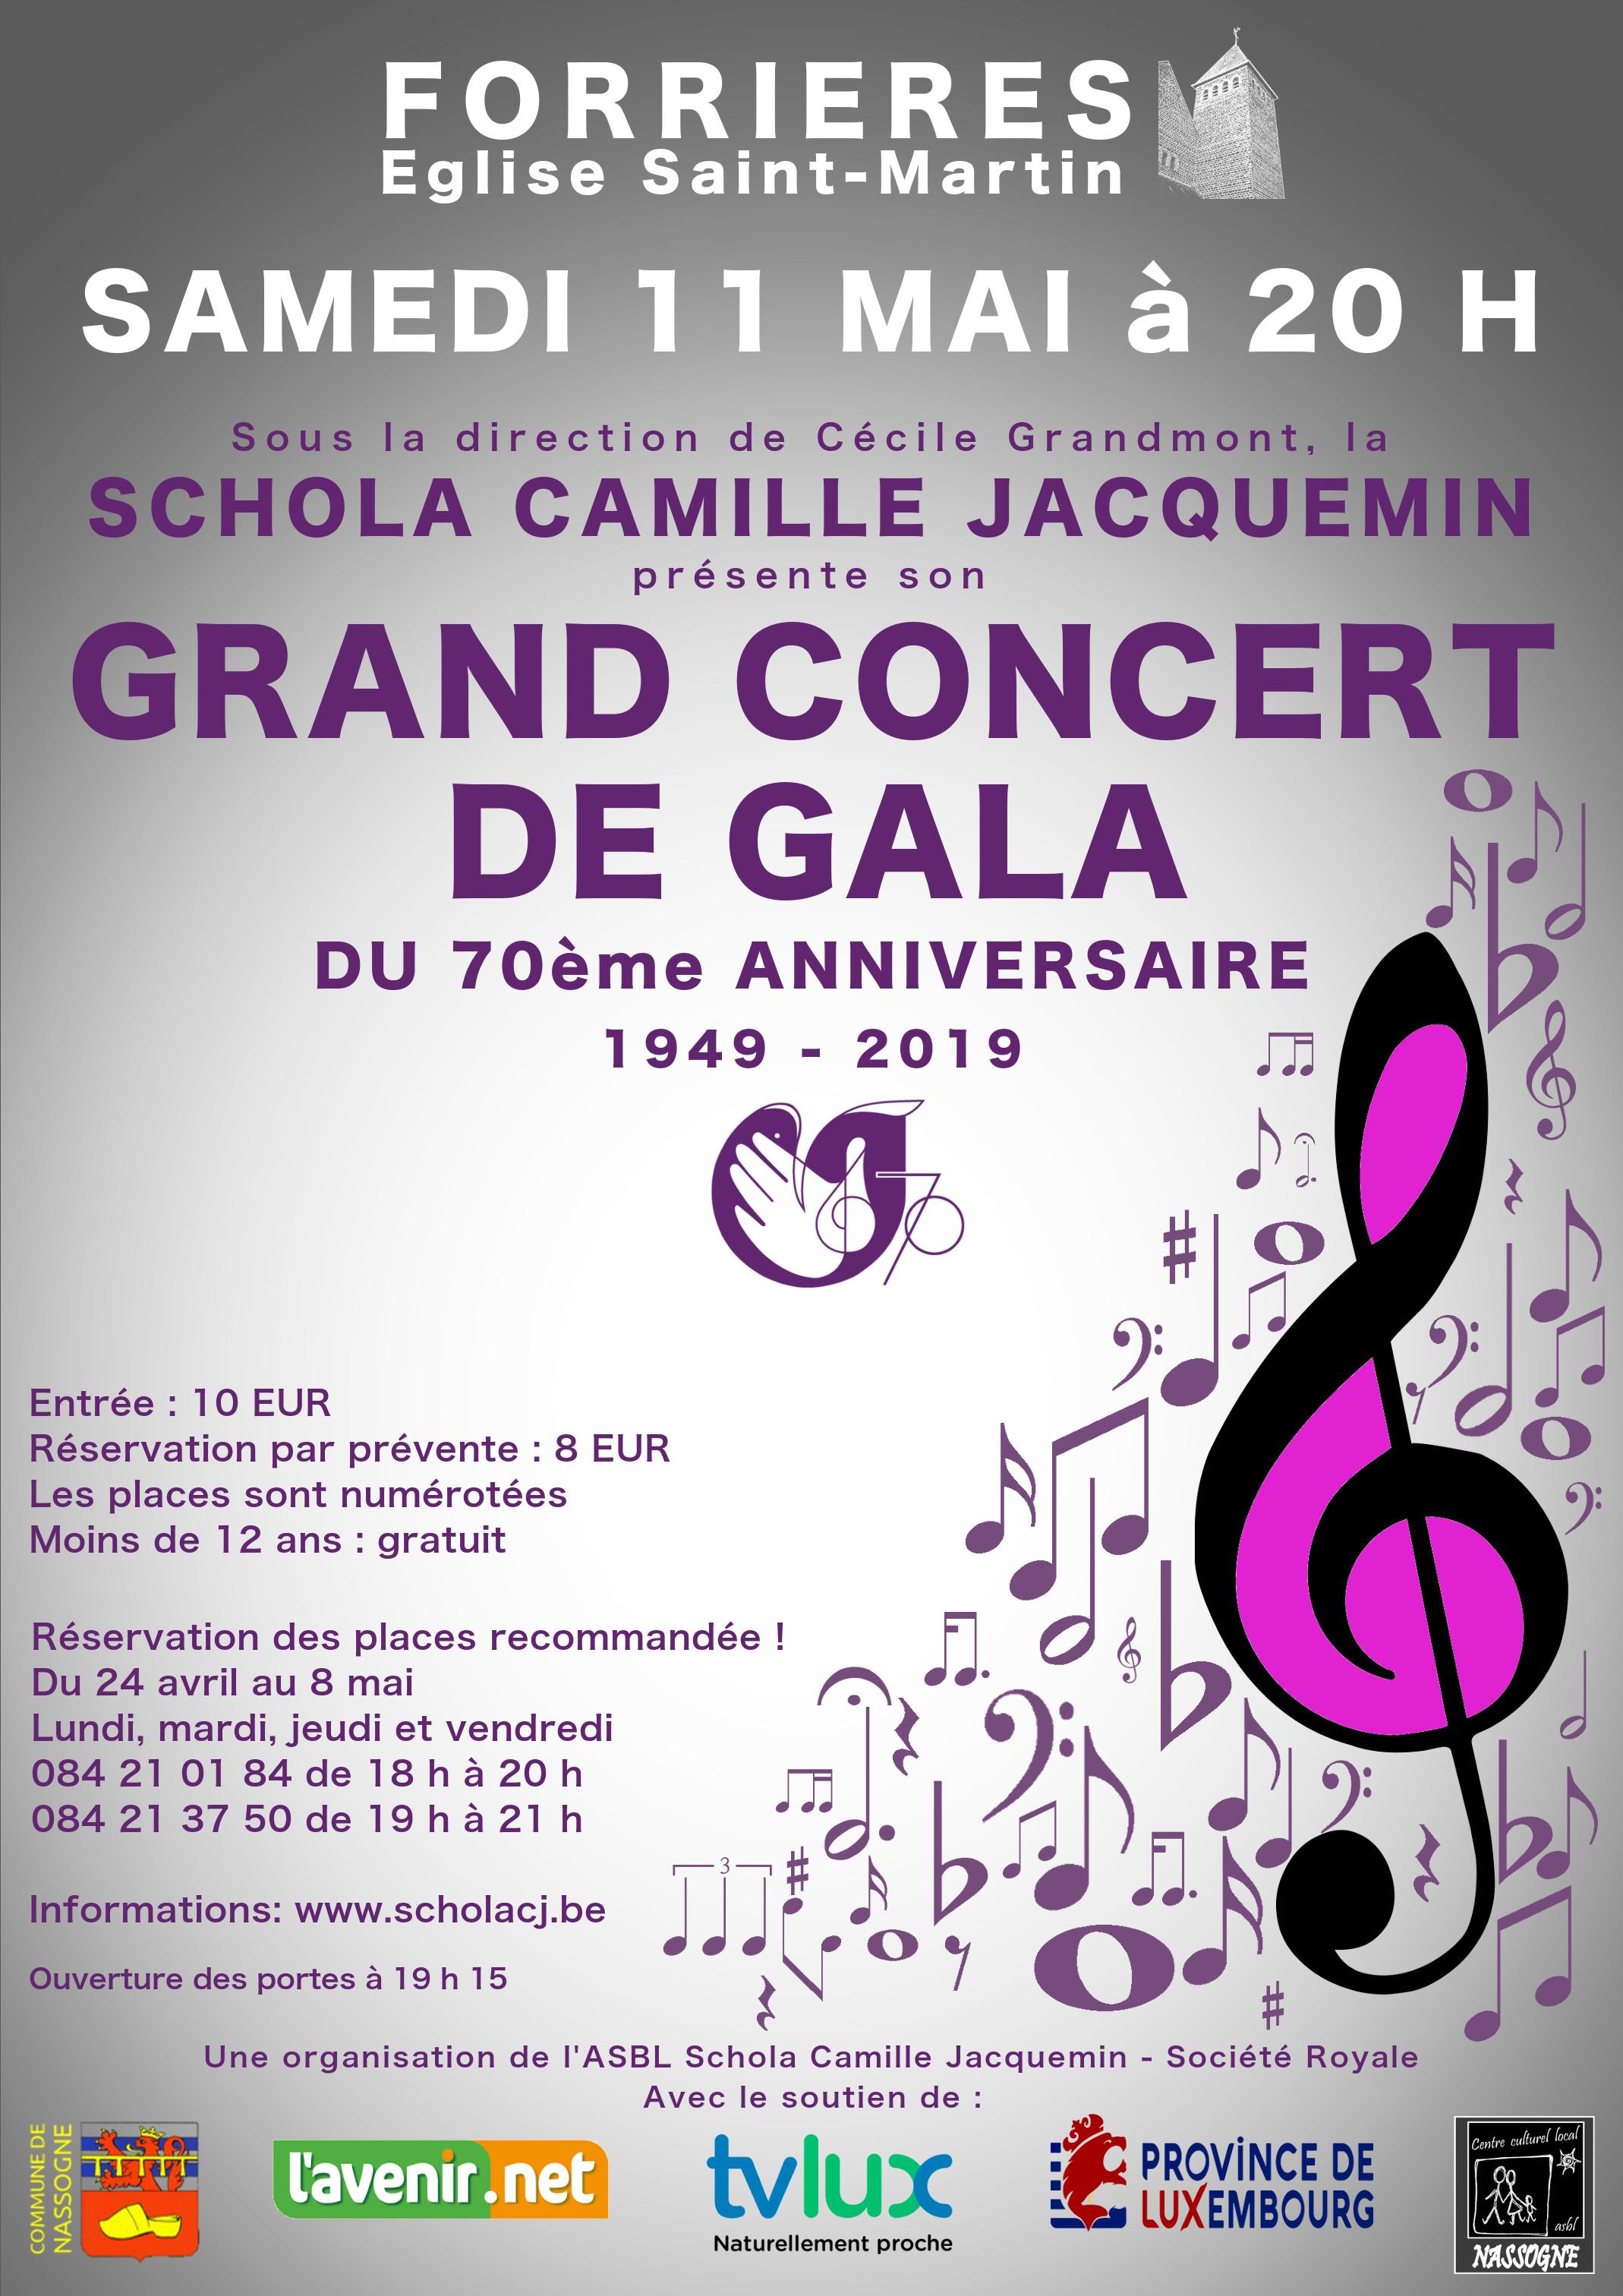 11 mai 2019 à Forrières, grand concert de gala de la Schola Camille Jacquemin à l'occasion du 70ème anniversaire de sa fondation